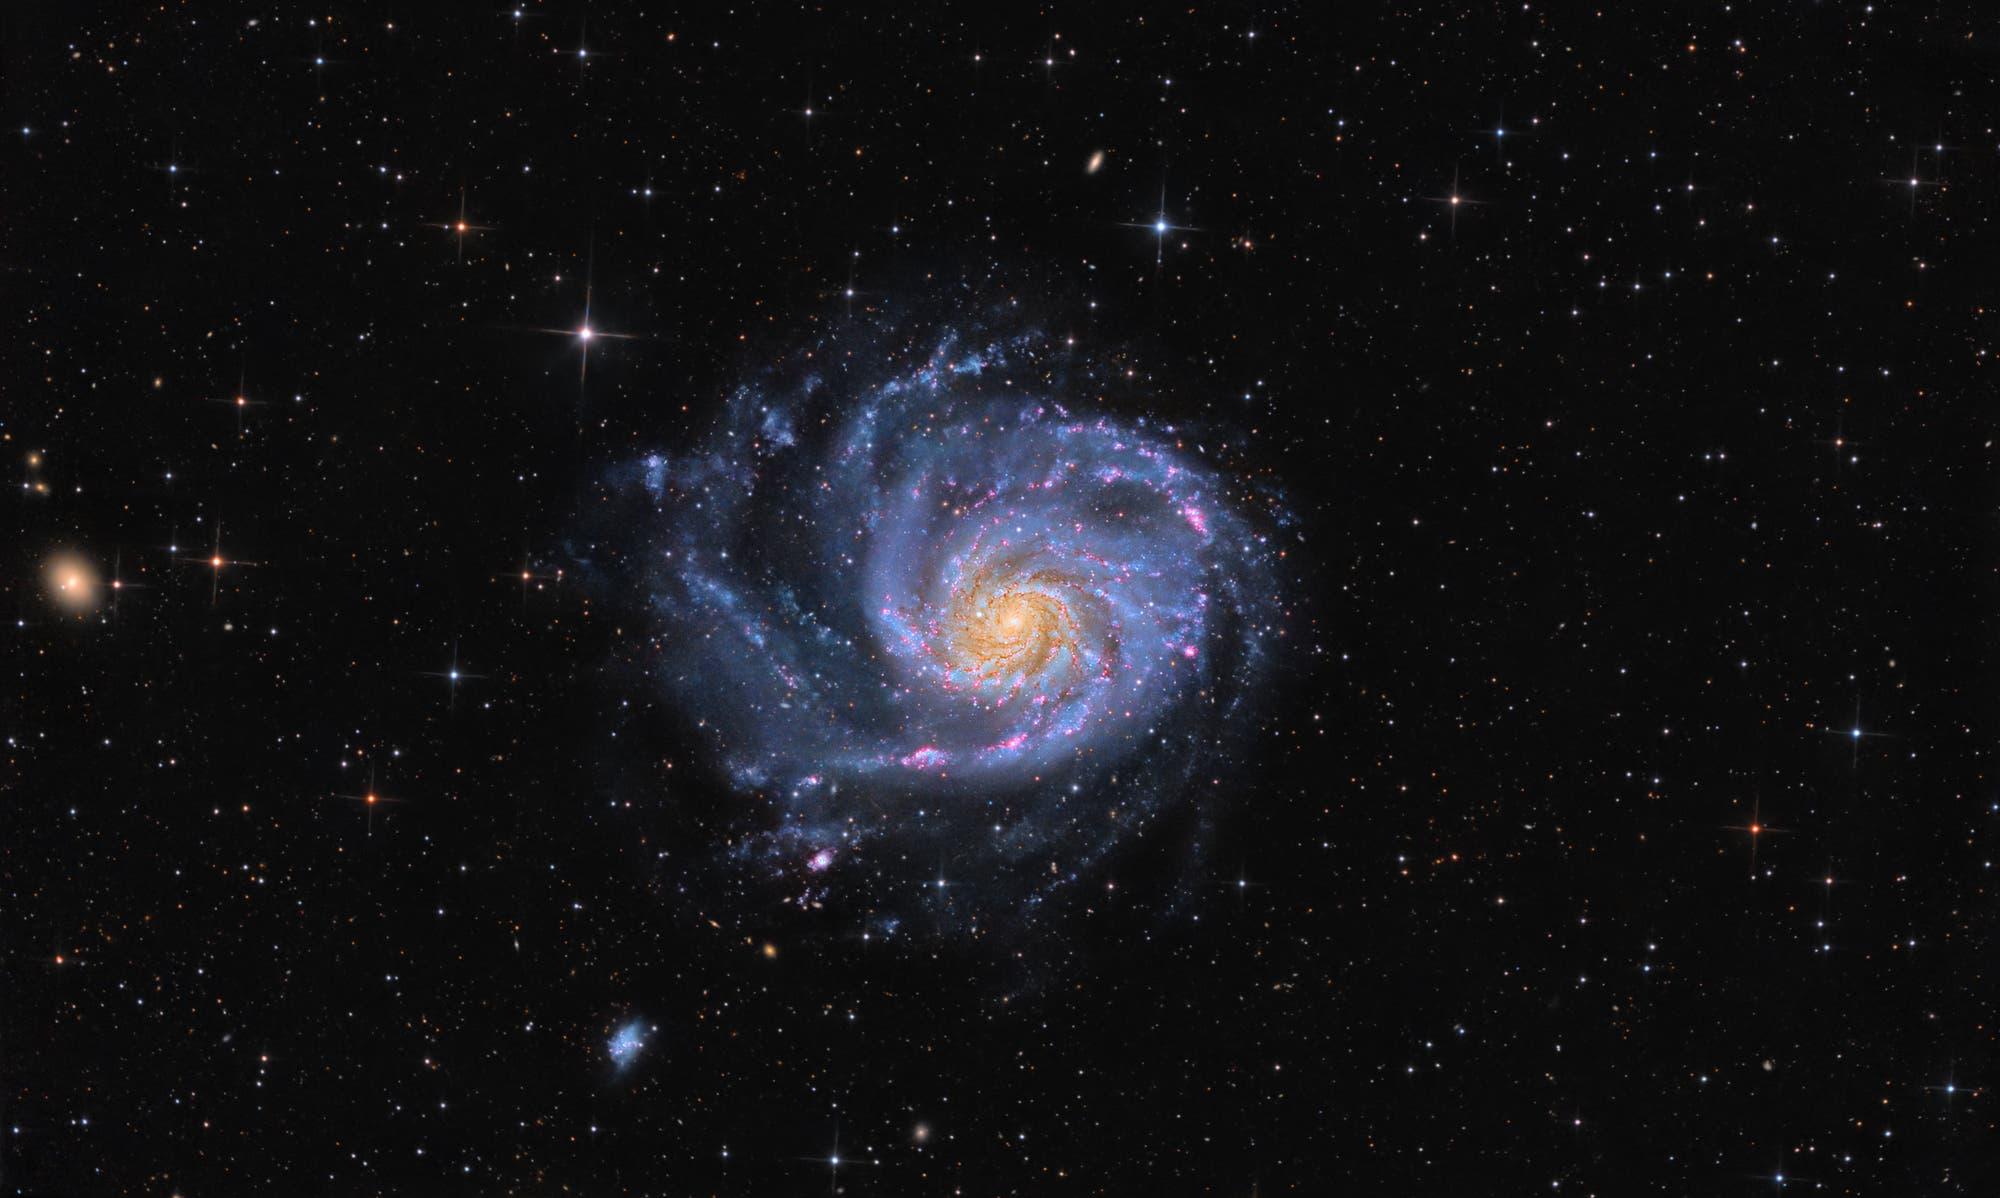 Feuerrad-Galaxie, Messier 101